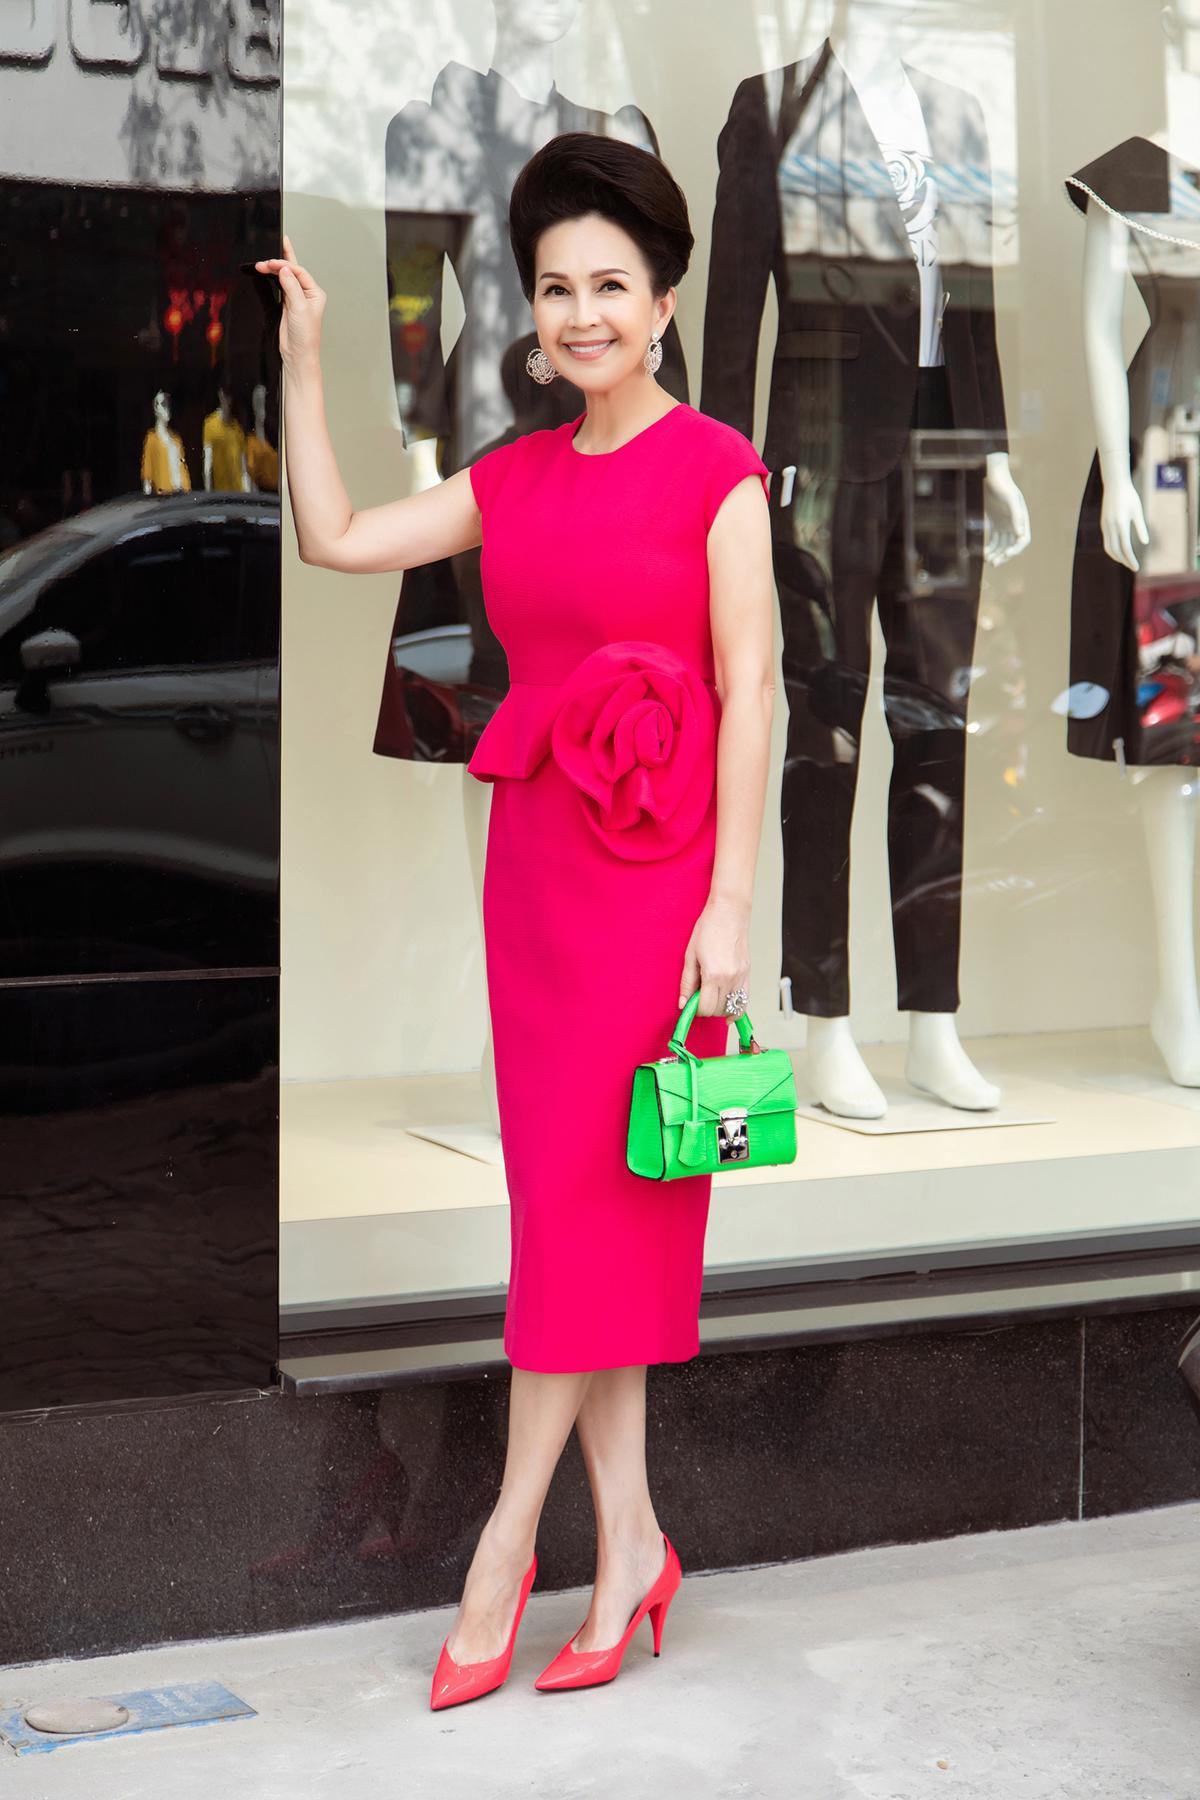 Diễn viên Diễm My xuất hiện nổi bật trong bộ váy phom bodycon với hoạ tiết hoa hồng 3D làm điểm nhấn. Chị chọn túi xách với tông xanh neon nổi bật để phối cùng sắc hồng rực rỡ của chiếc váy.